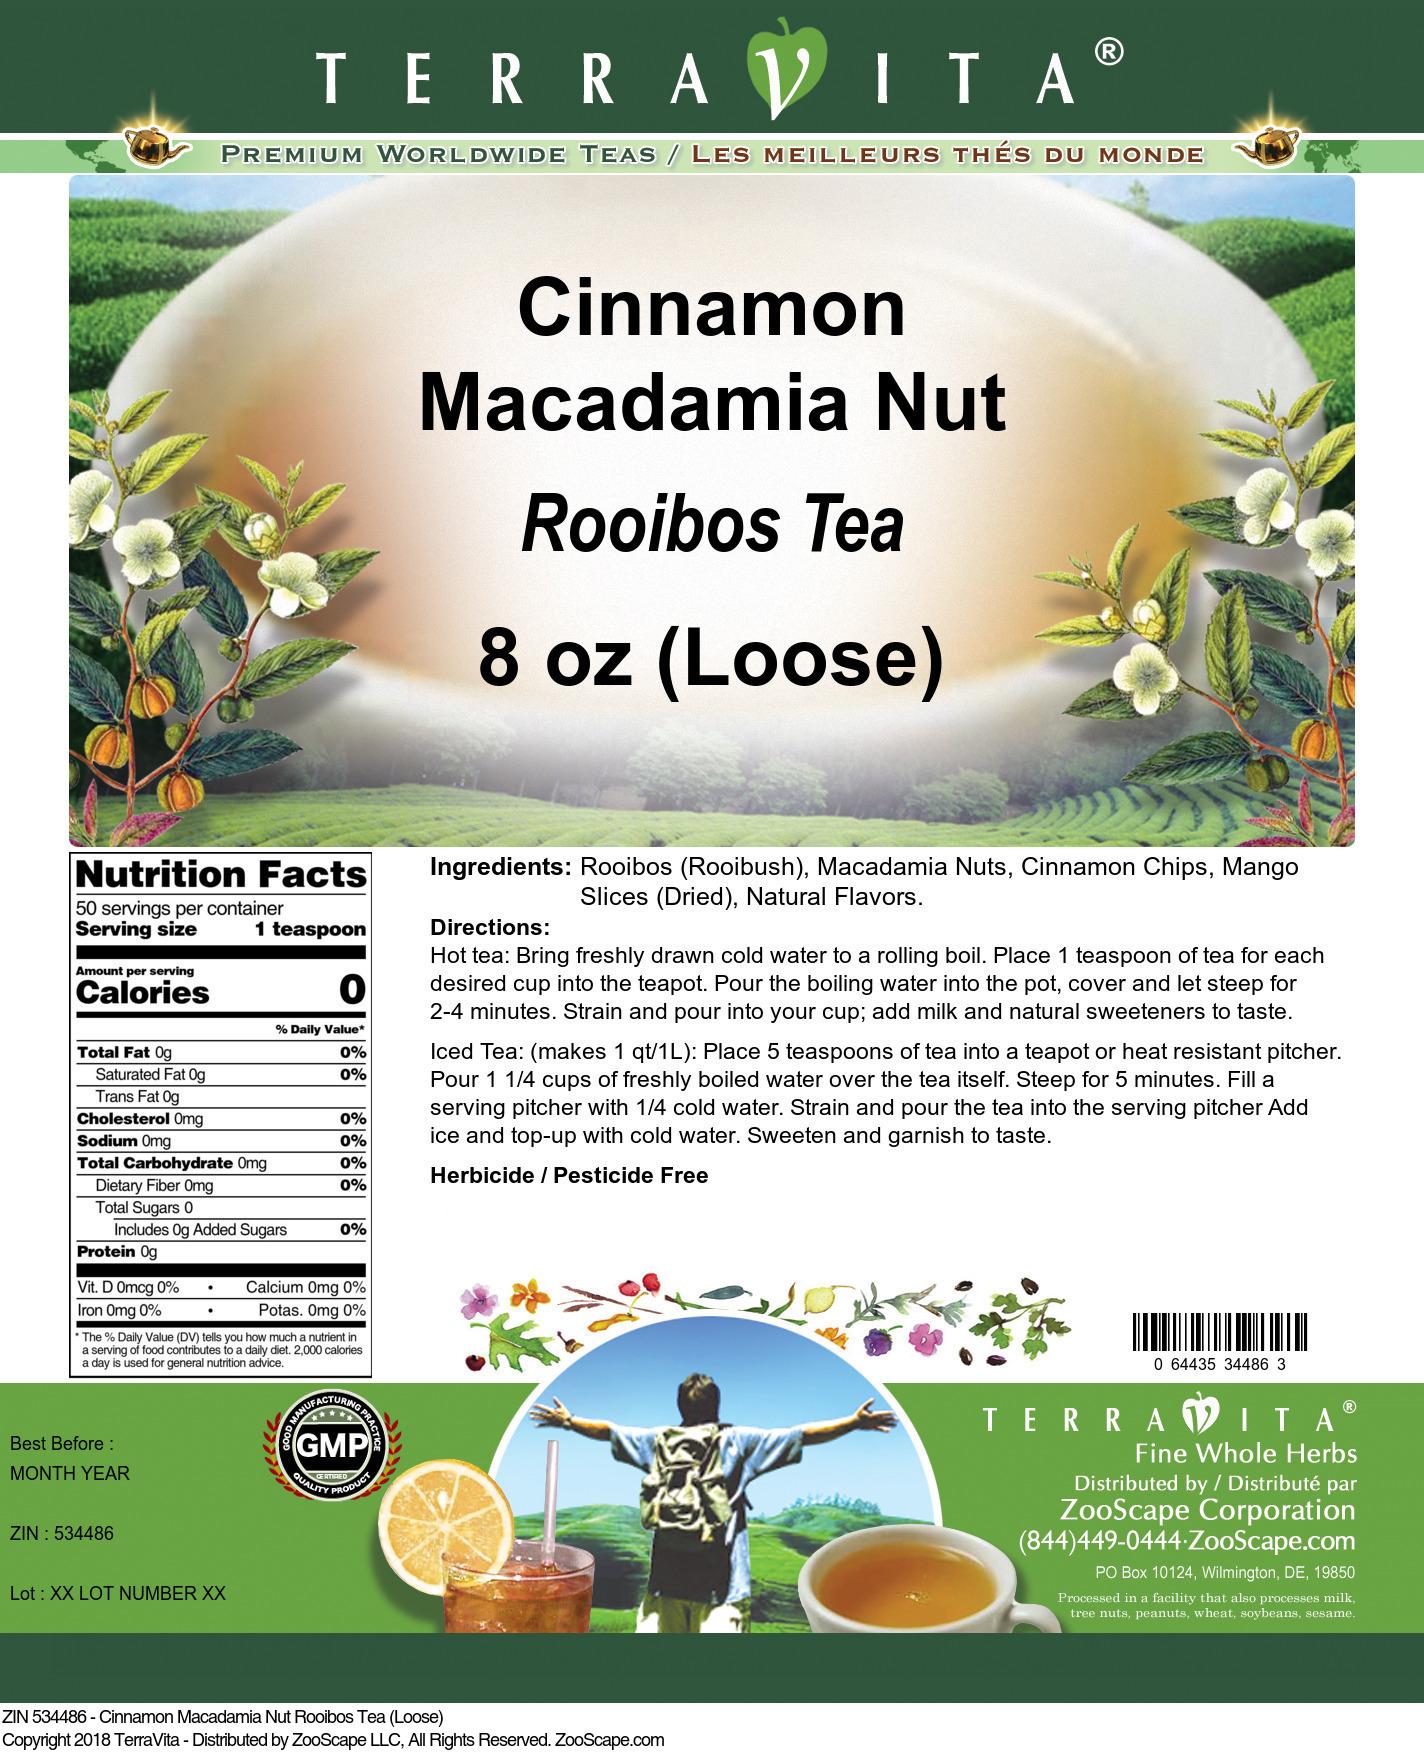 Cinnamon Macadamia Nut Rooibos Tea